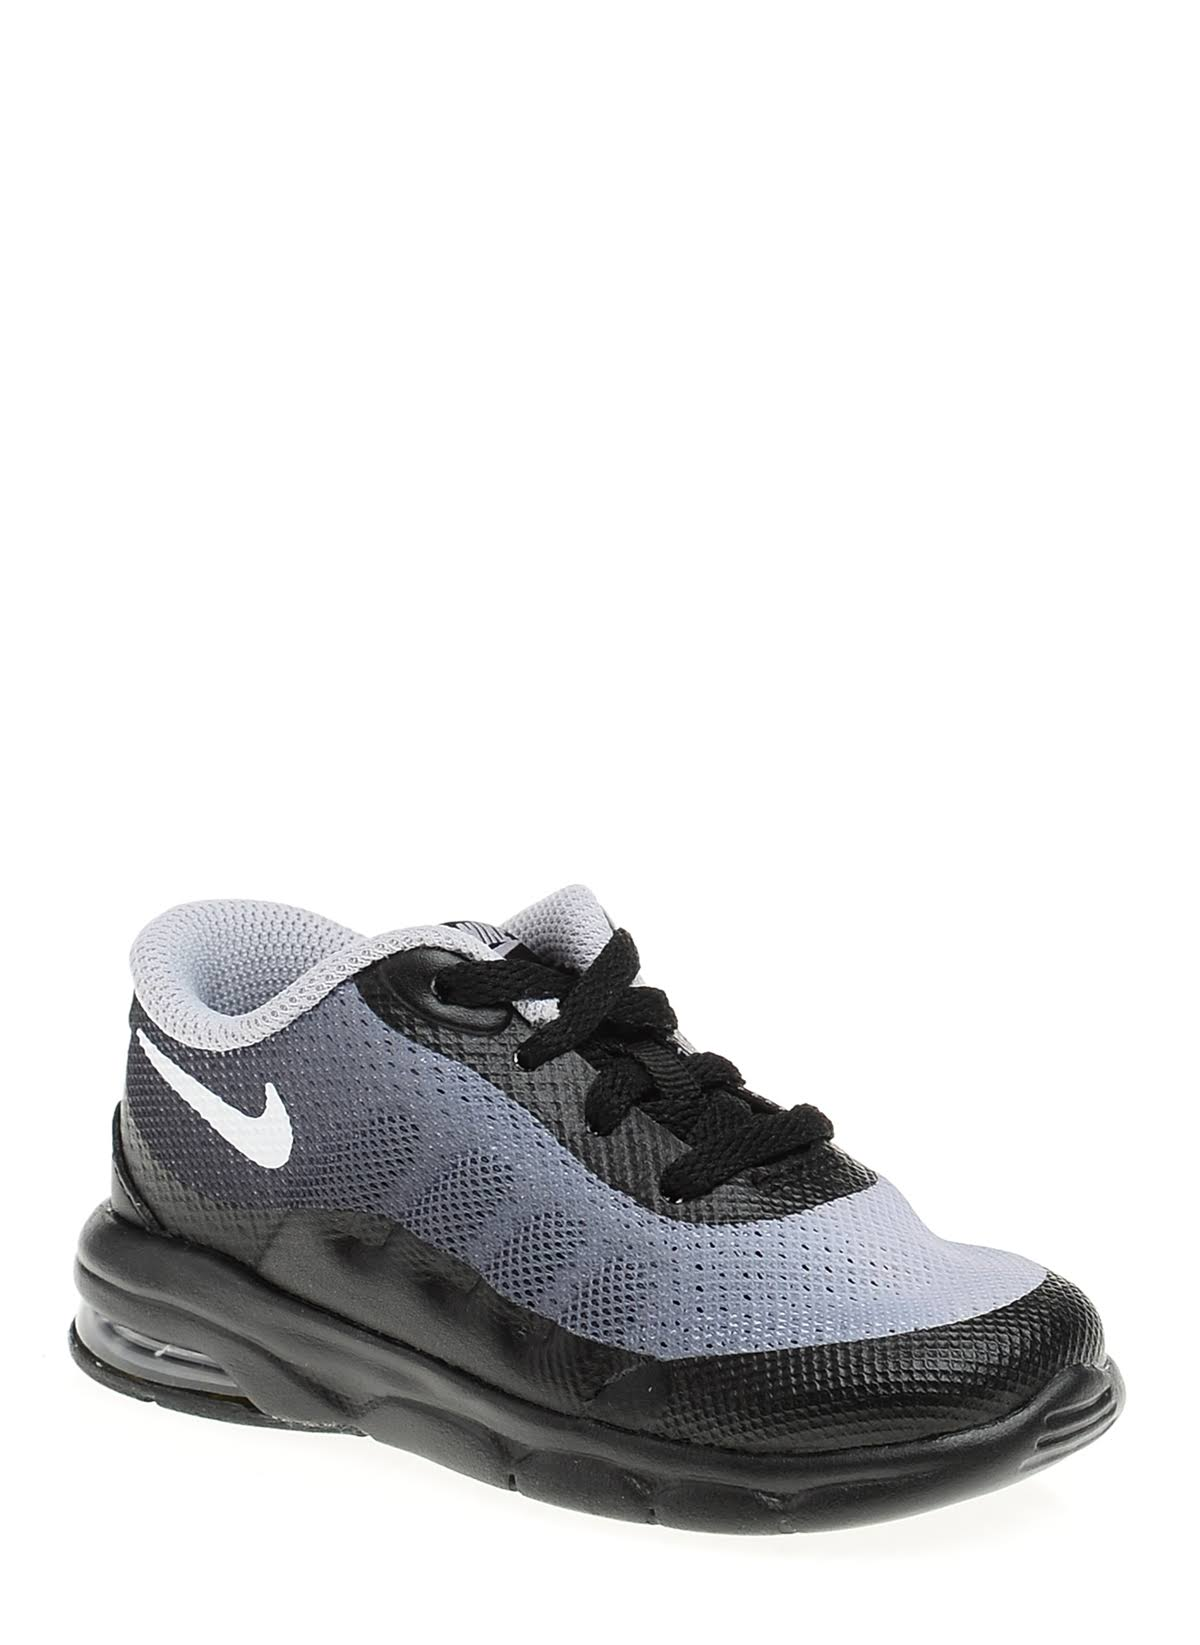 22 Bebek Spor Numara Siyah Ayakkabı Nike Erkek qXwpOzPP